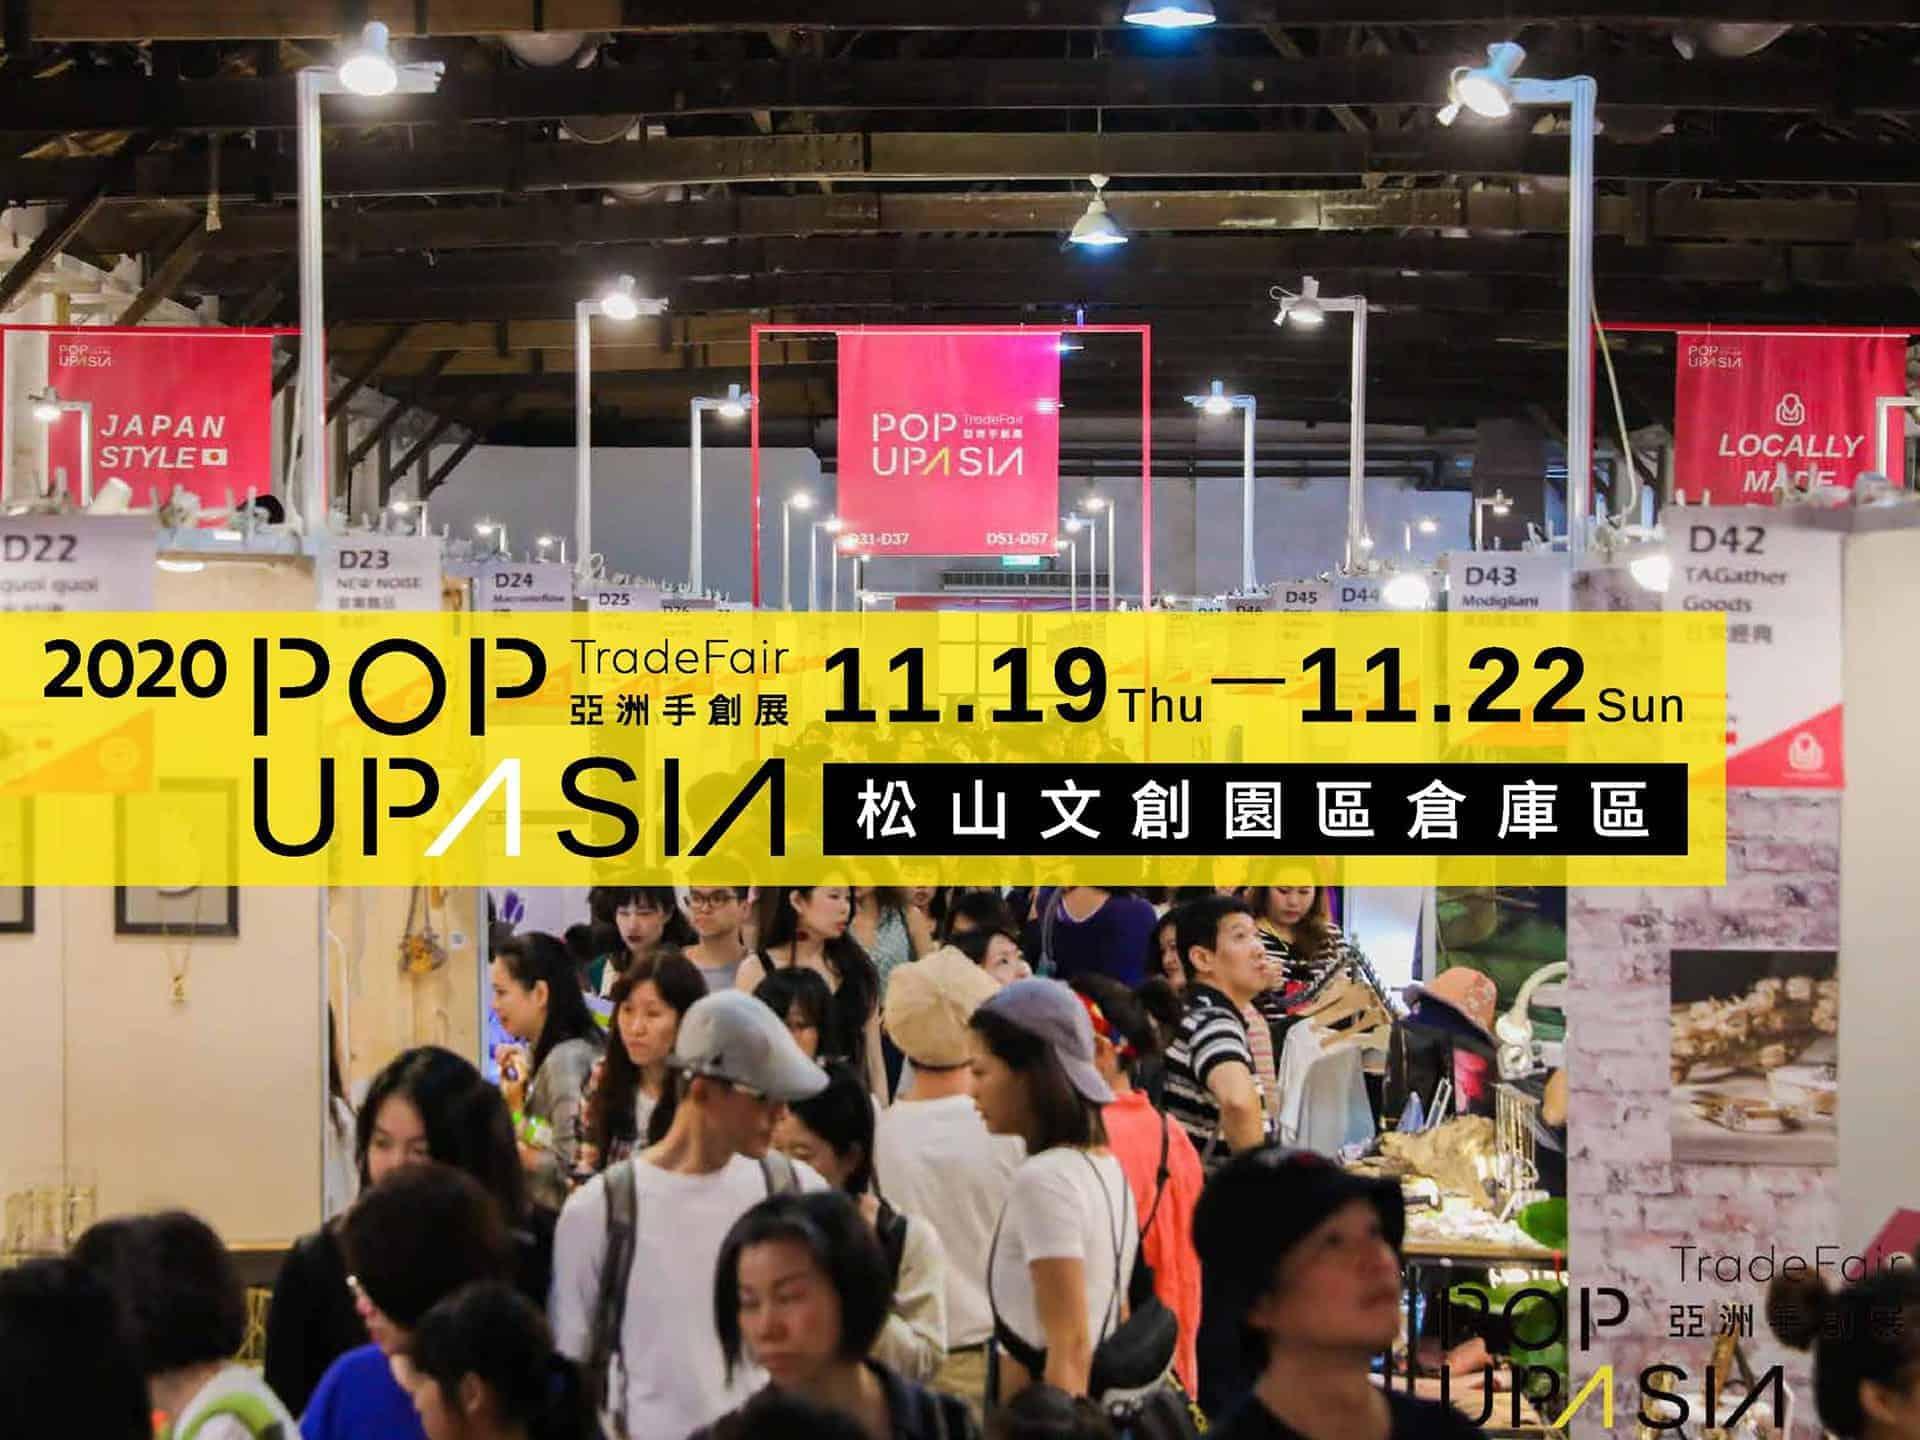 亞洲手創展_讓喜歡的事成為生活的亞洲手作創業展覽會